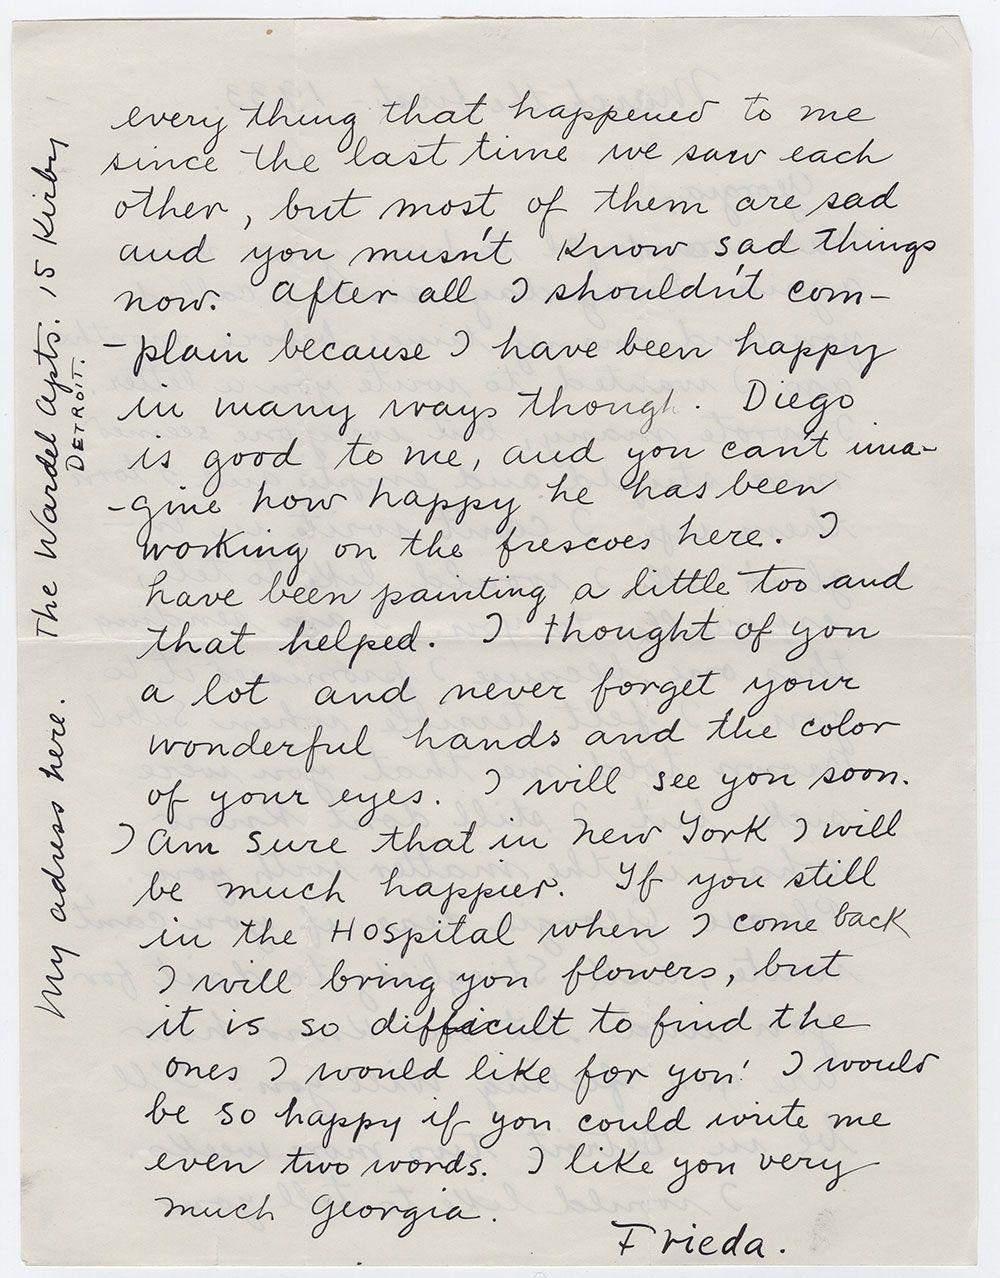 las apasionadas cartas de amor de frida kahlo yorokobu icons las apasionadas cartas de amor de frida kahlo yorokobu